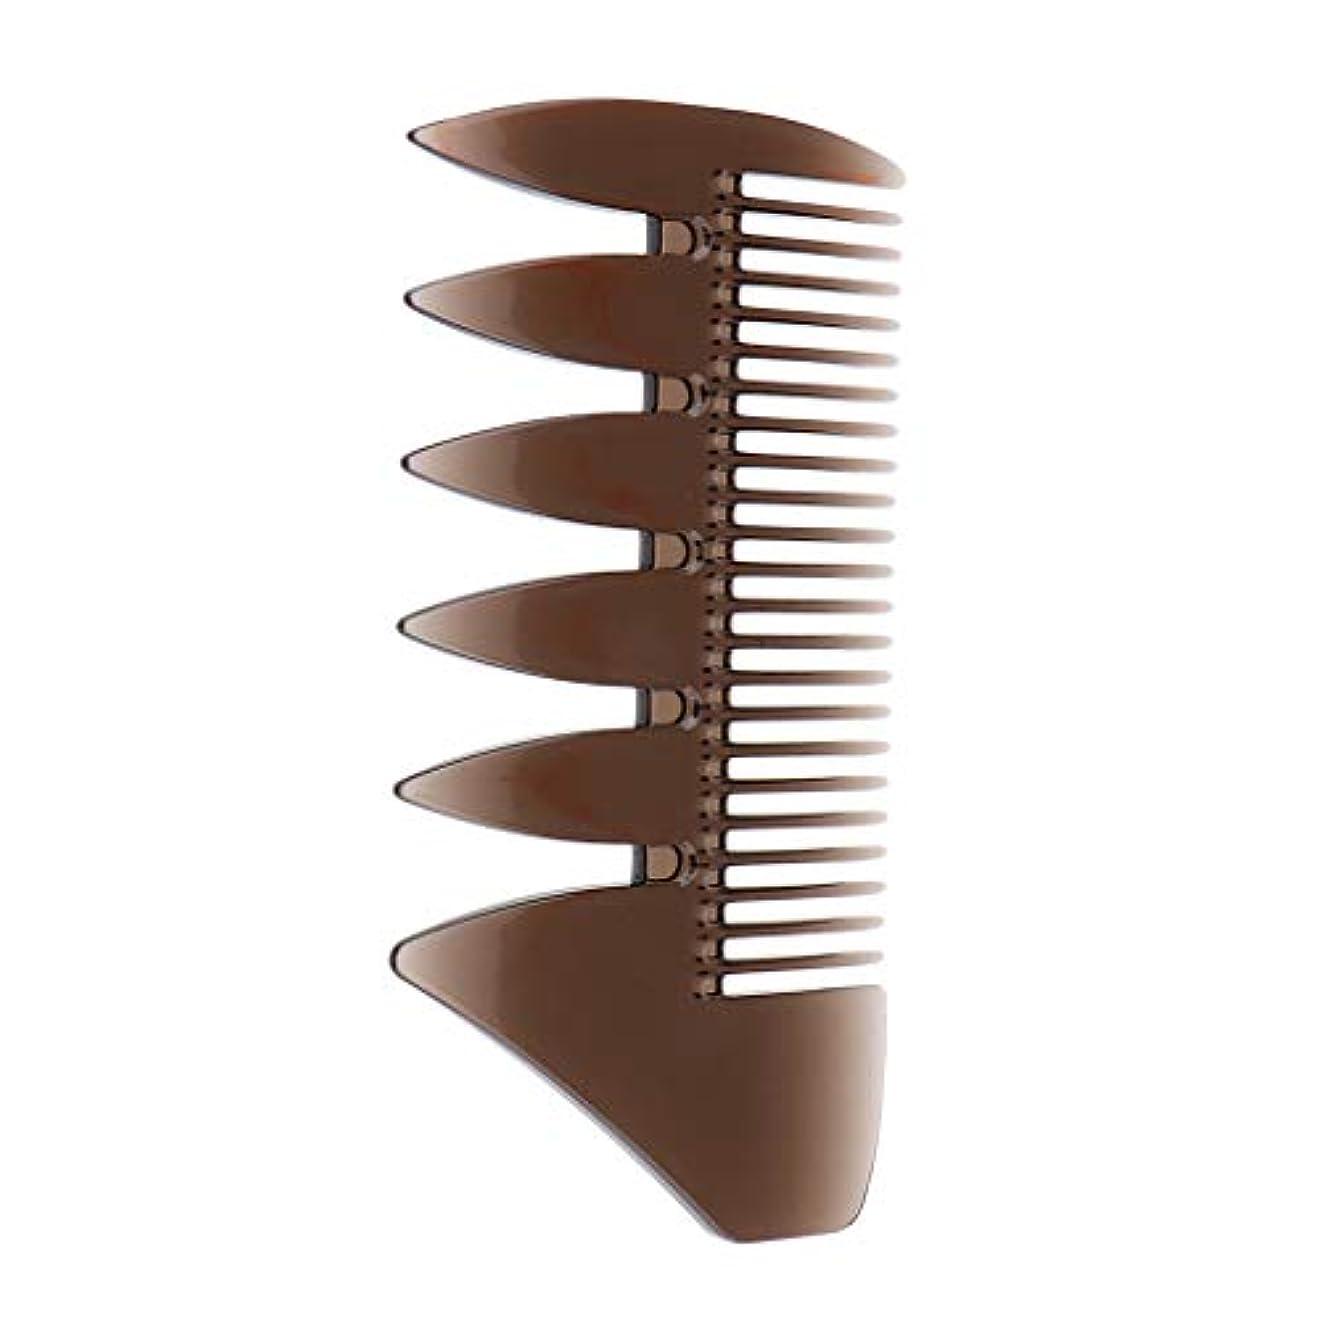 郵便屋さん熟考する代数F Fityle ヘアコンビ デュアルサイド メンズ オイルヘアピック サロン ヘアスタイリング 櫛 ヘアブラシ